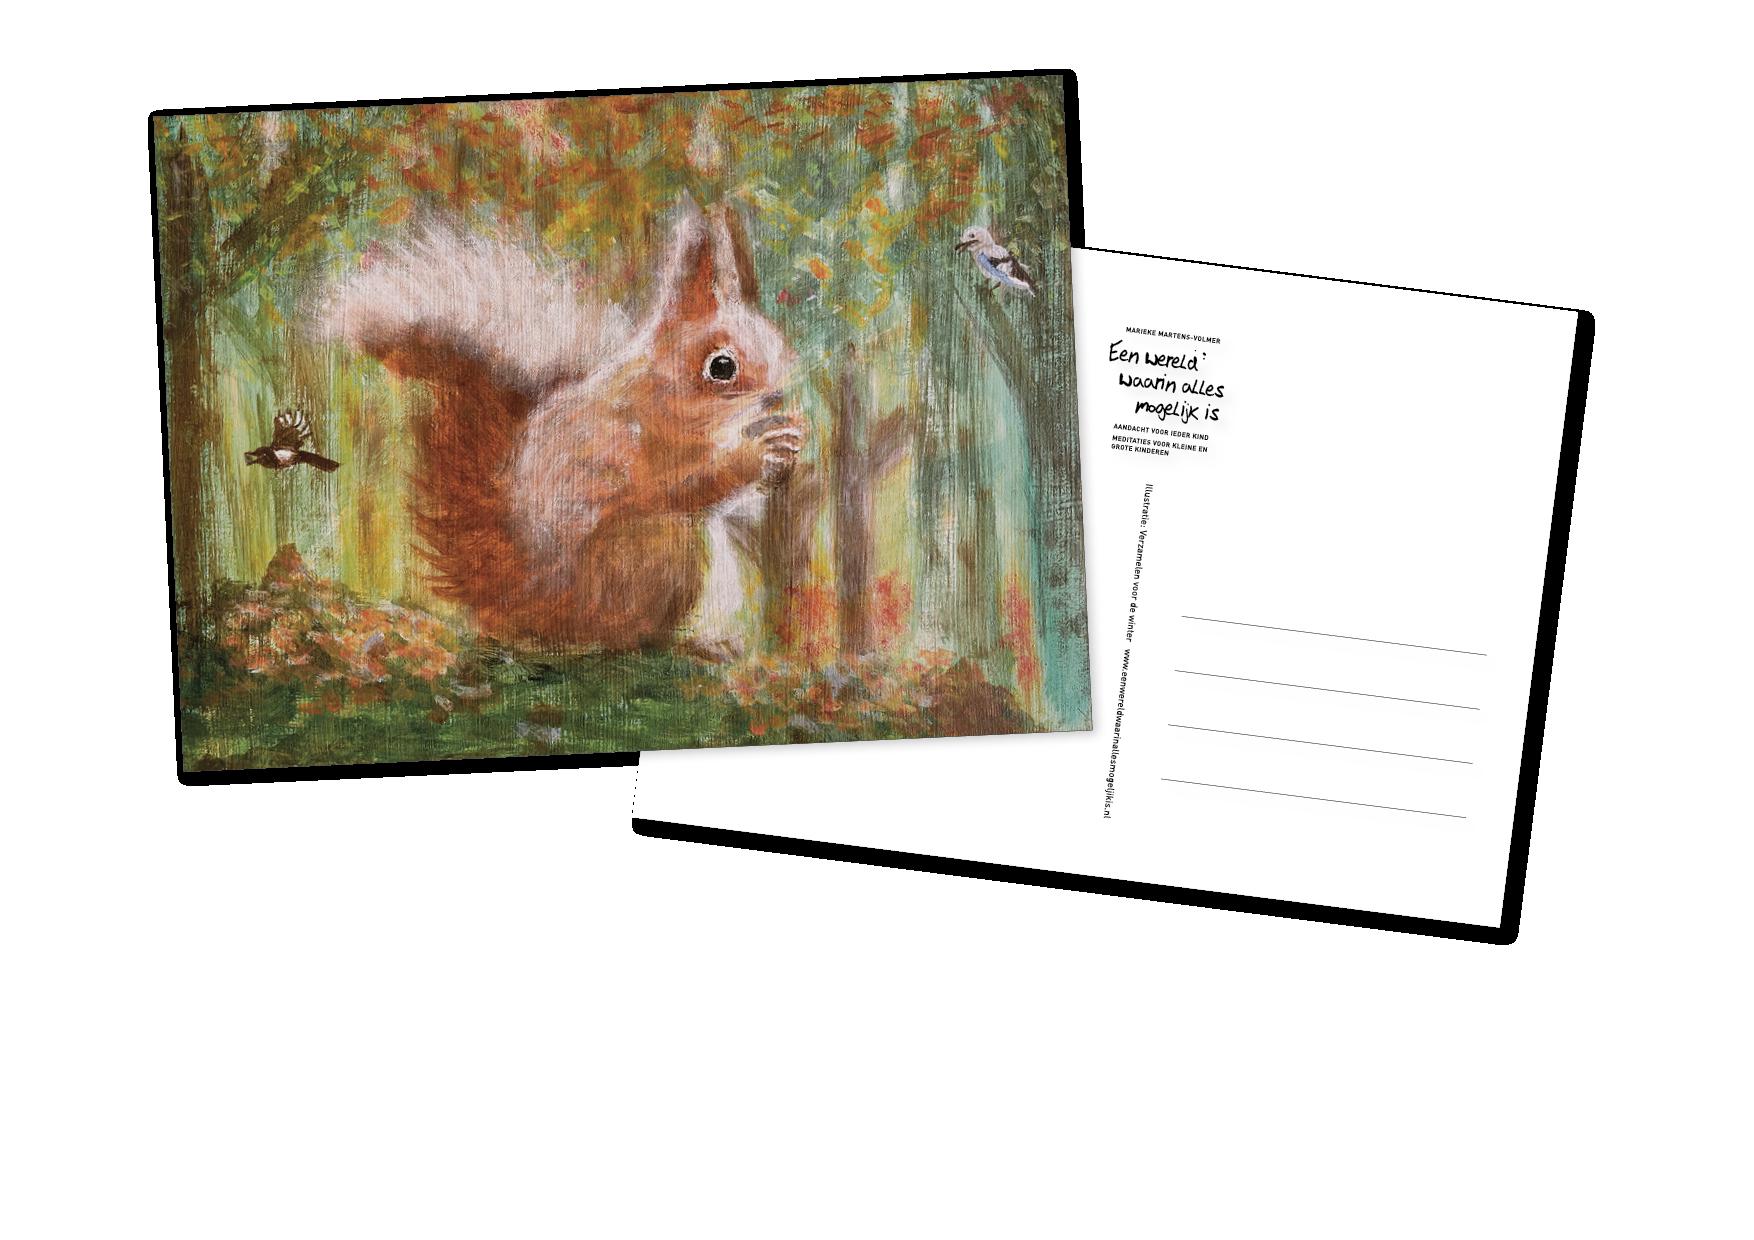 Een wereld waarin alles mogelijk is - postkaartenset 1